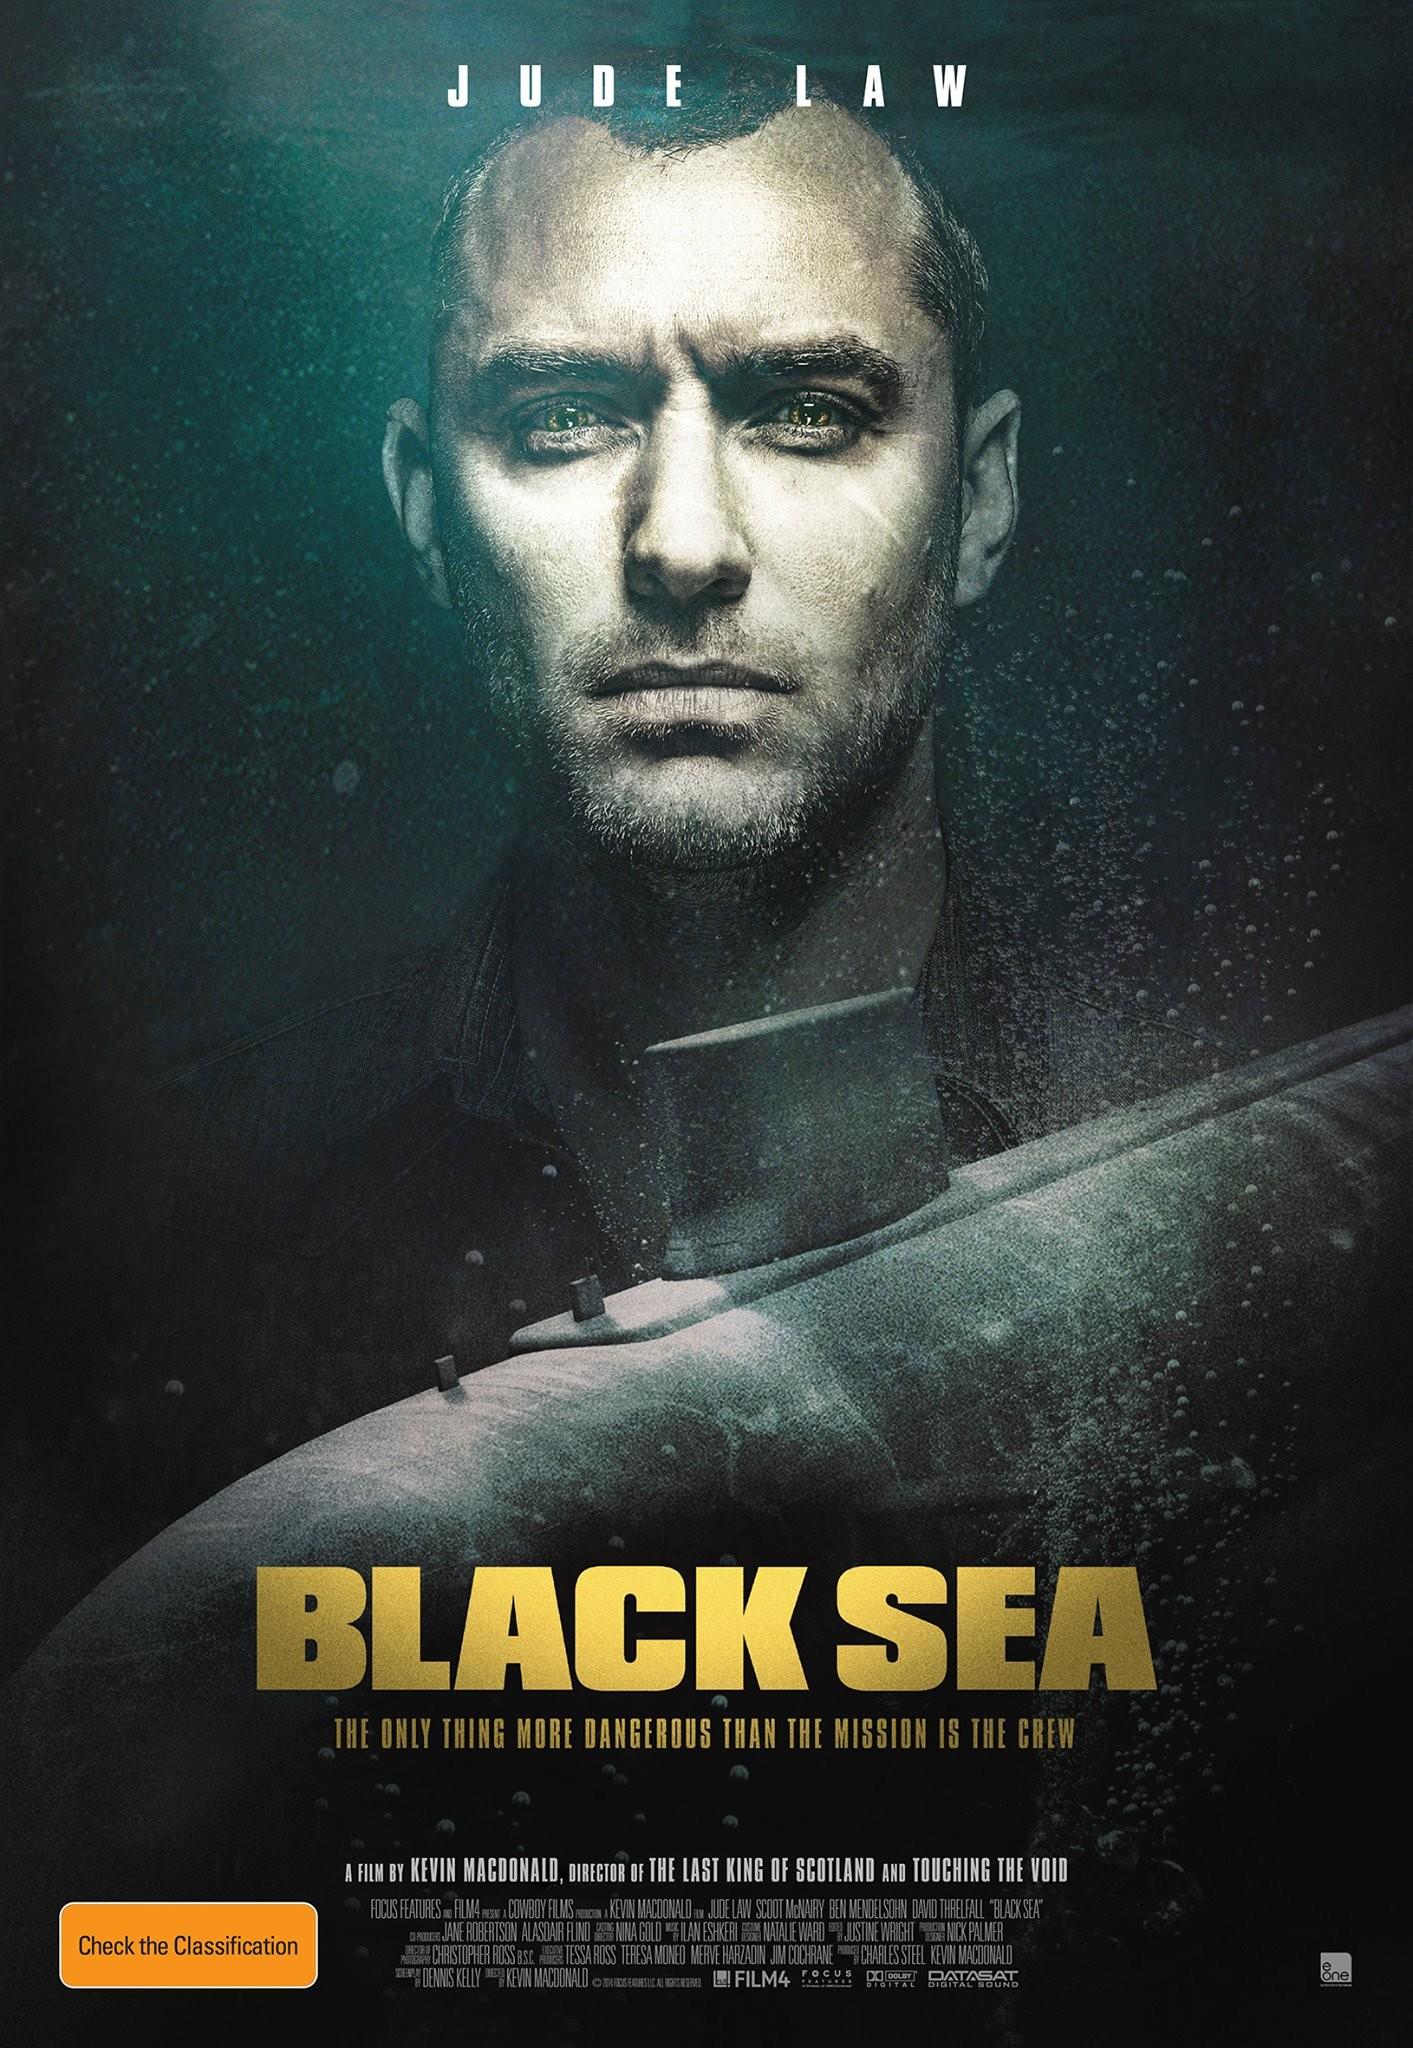 чёрное море фильм 2014 смотреть фильм